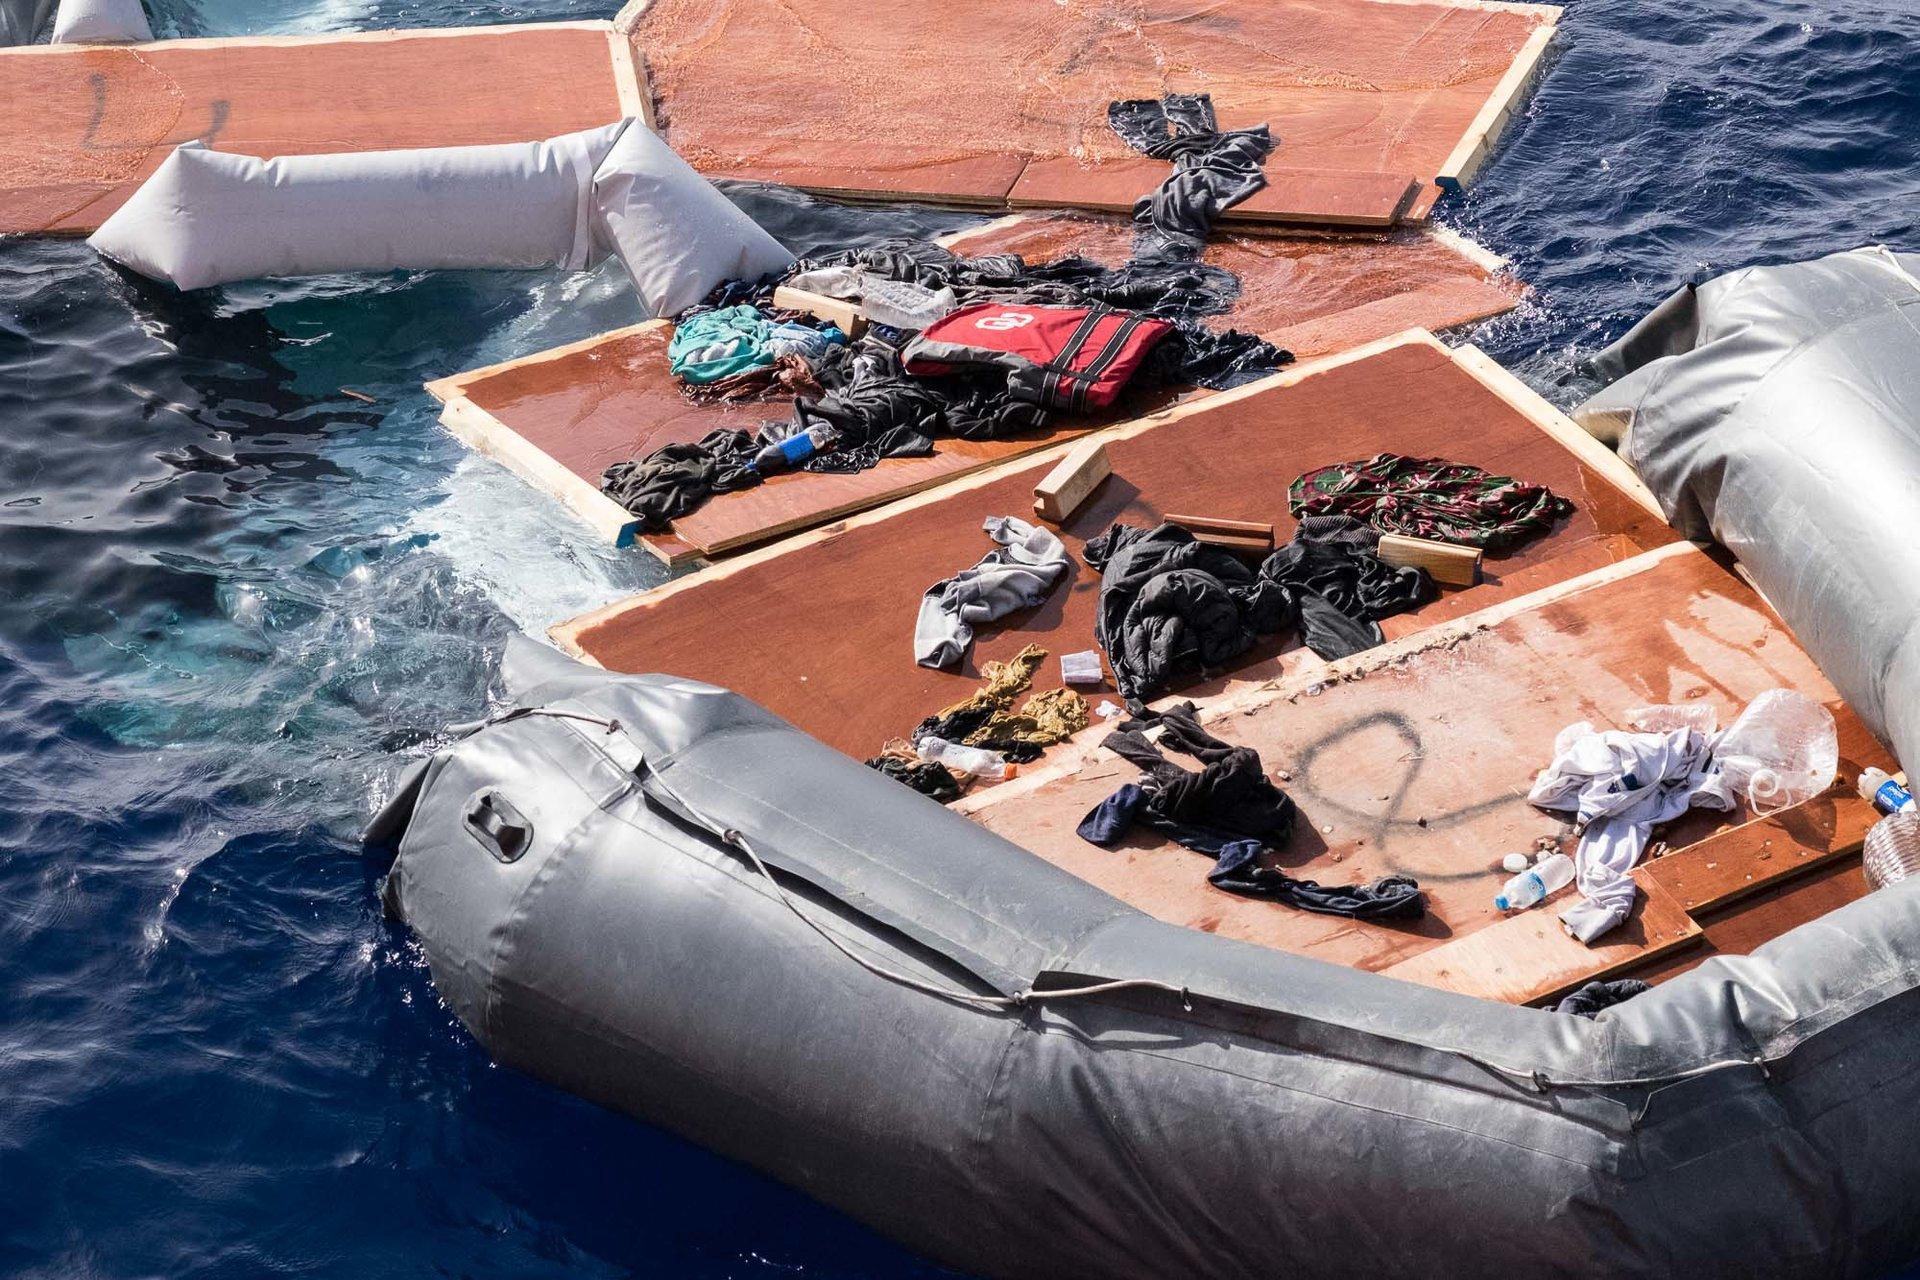 Une embarcation à la dérive. Personne ne sait ce qu'il est advenu de ses passagers. La théorie la plus plausible est celle d'une interception par les garde-côtes libyens.